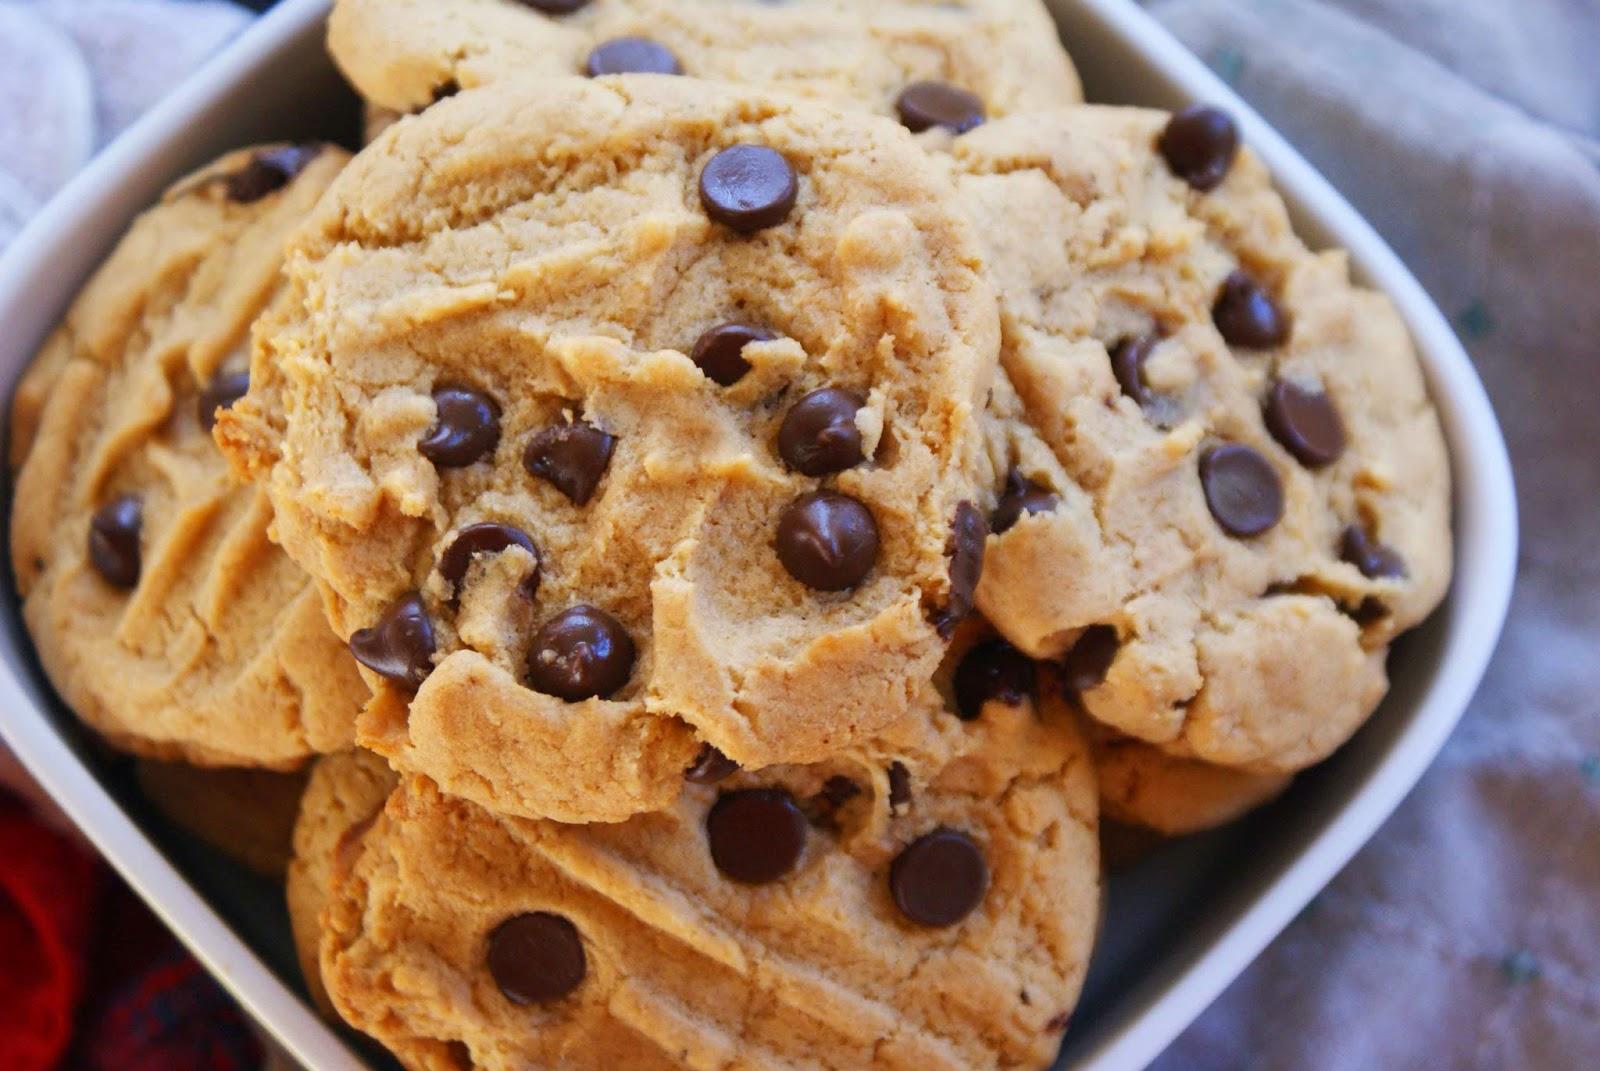 zara shopz panduan tips percuma buat kek biskut Resepi Biskut Snow Cheese Enak dan Mudah